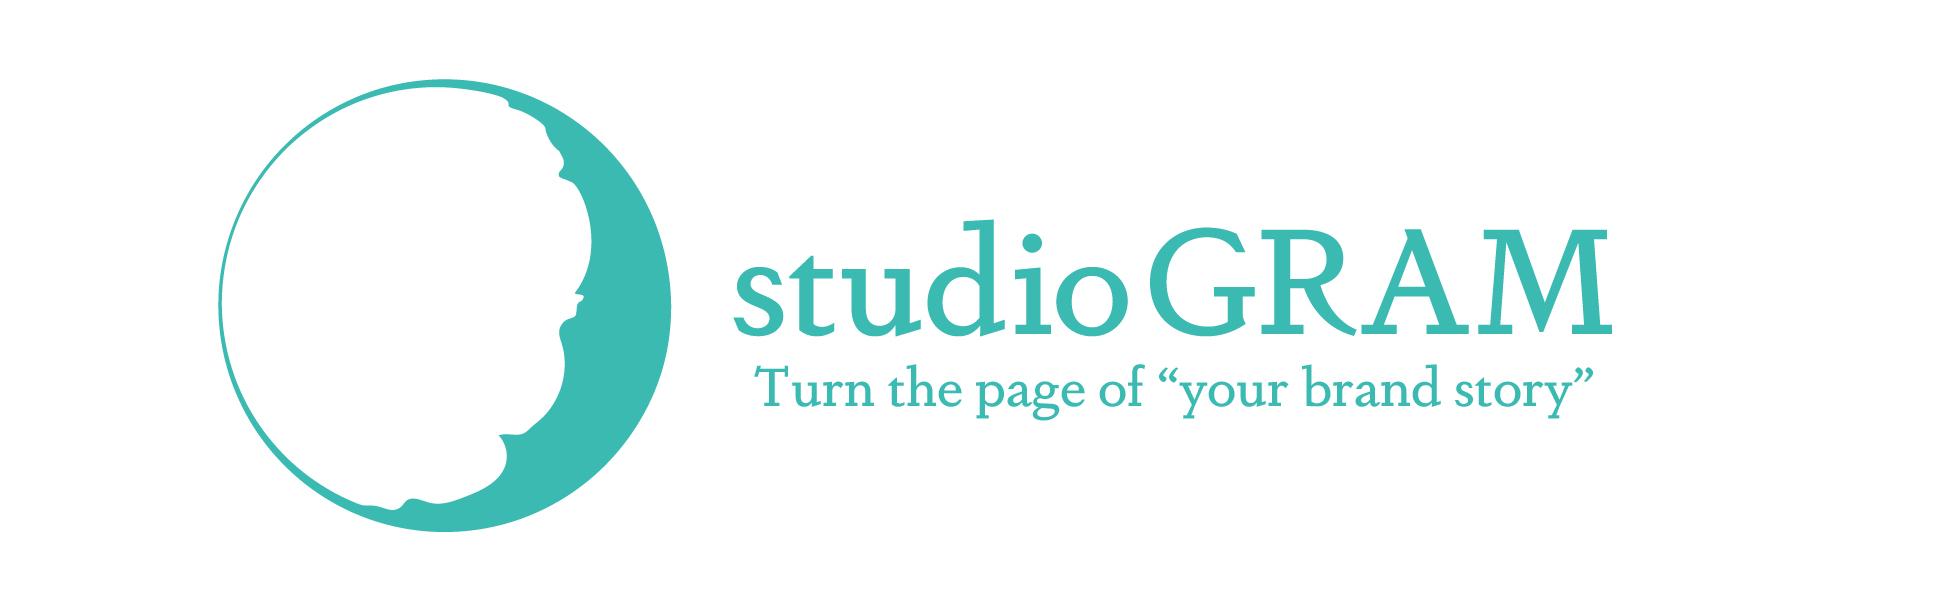 株式会社スタジオグラム